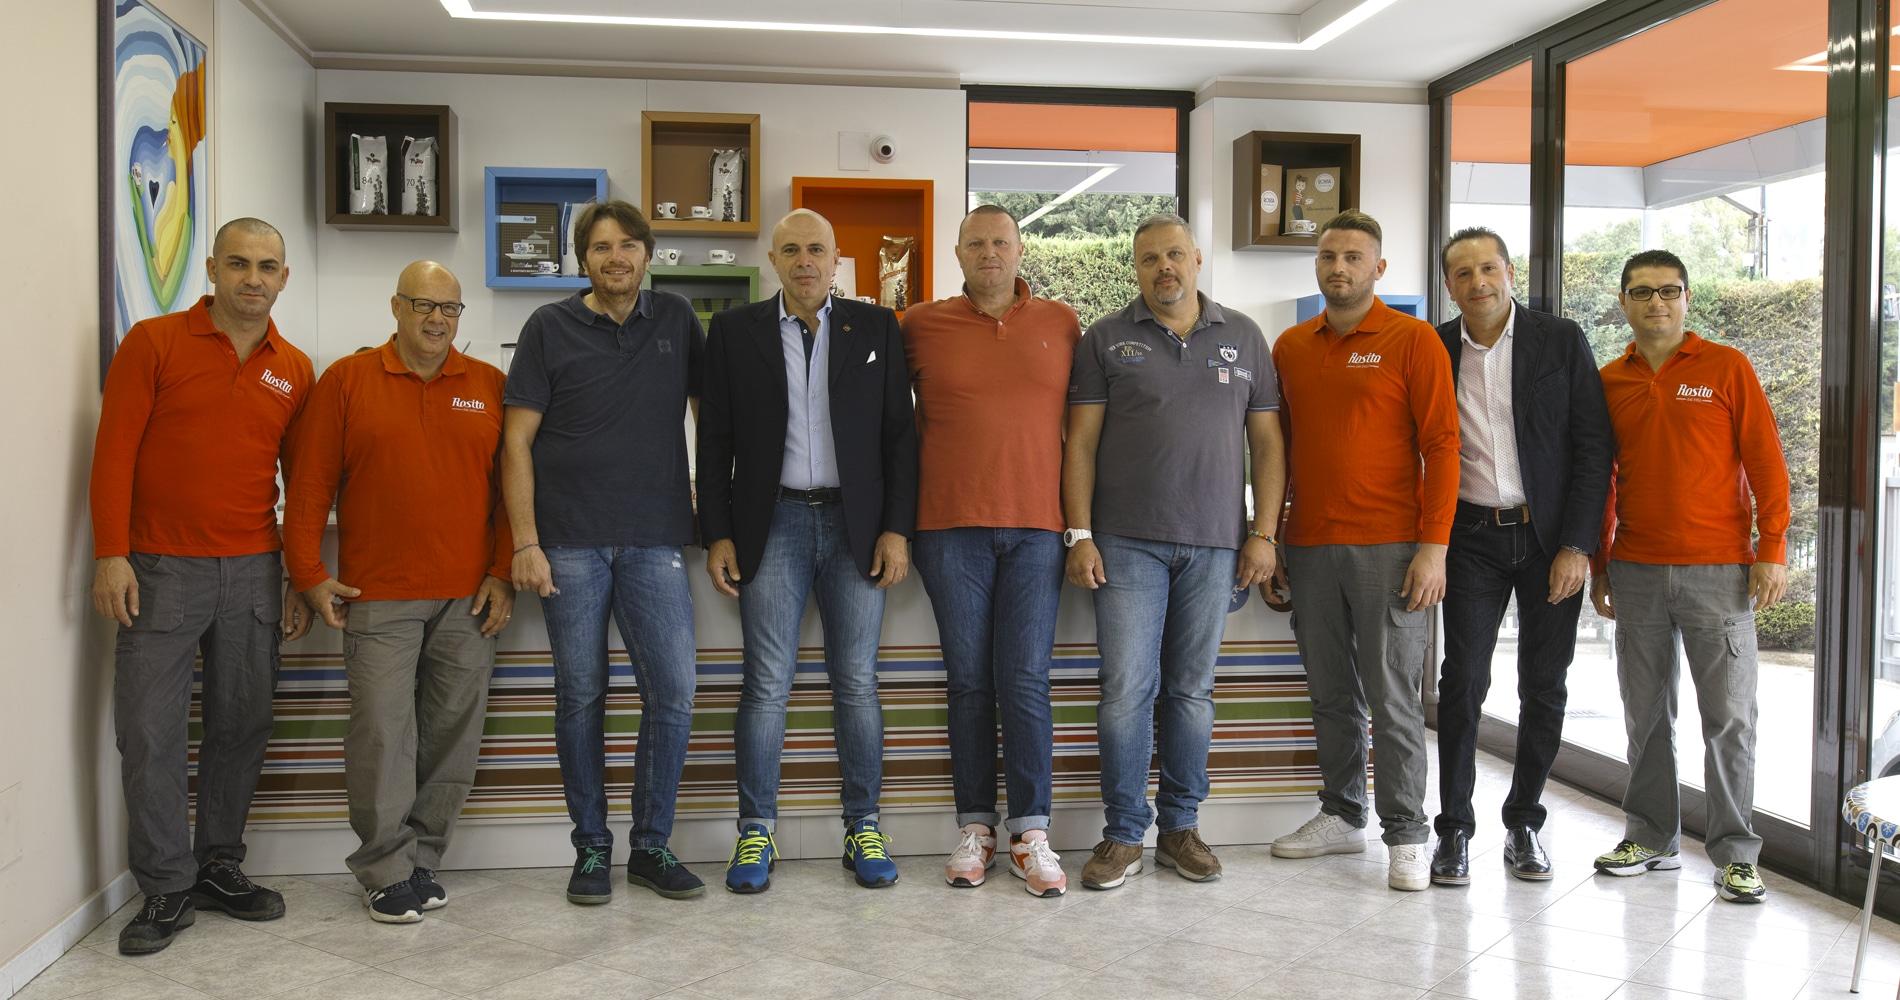 Il Team Rosito